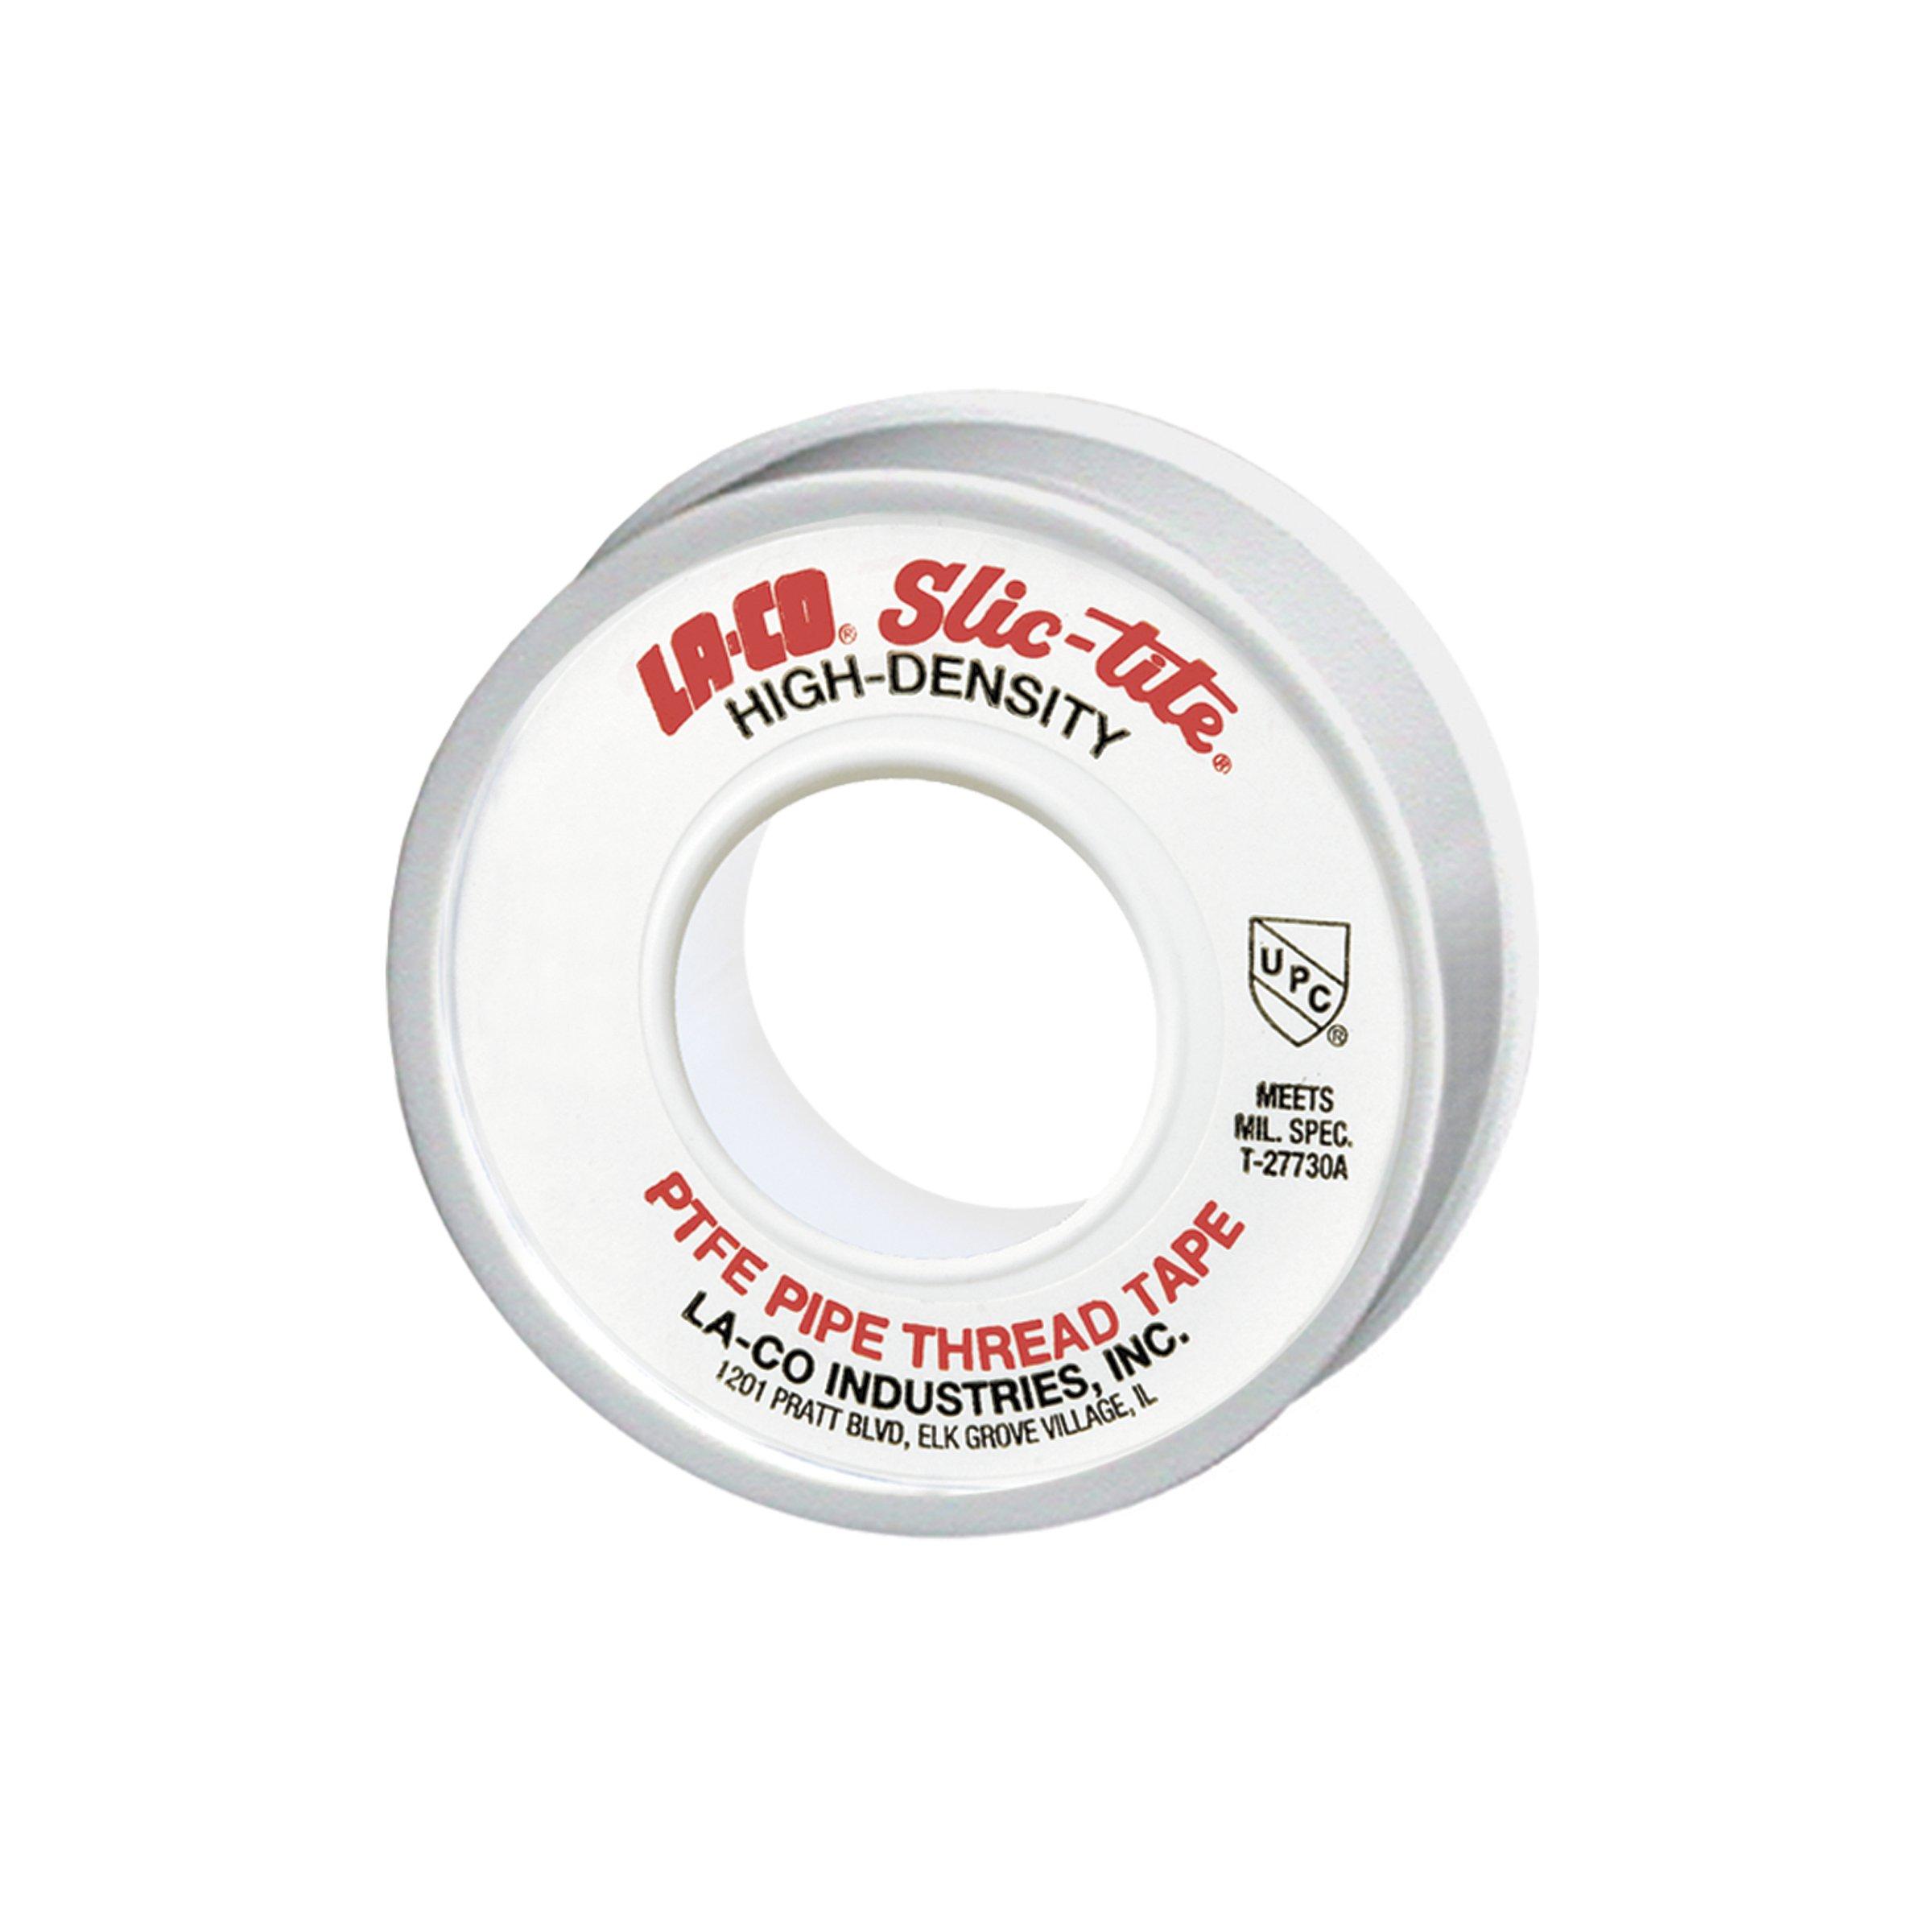 LA-CO 44084 Slic-Tite PTFE Pipe Thread Tape, Premium Grade [1200